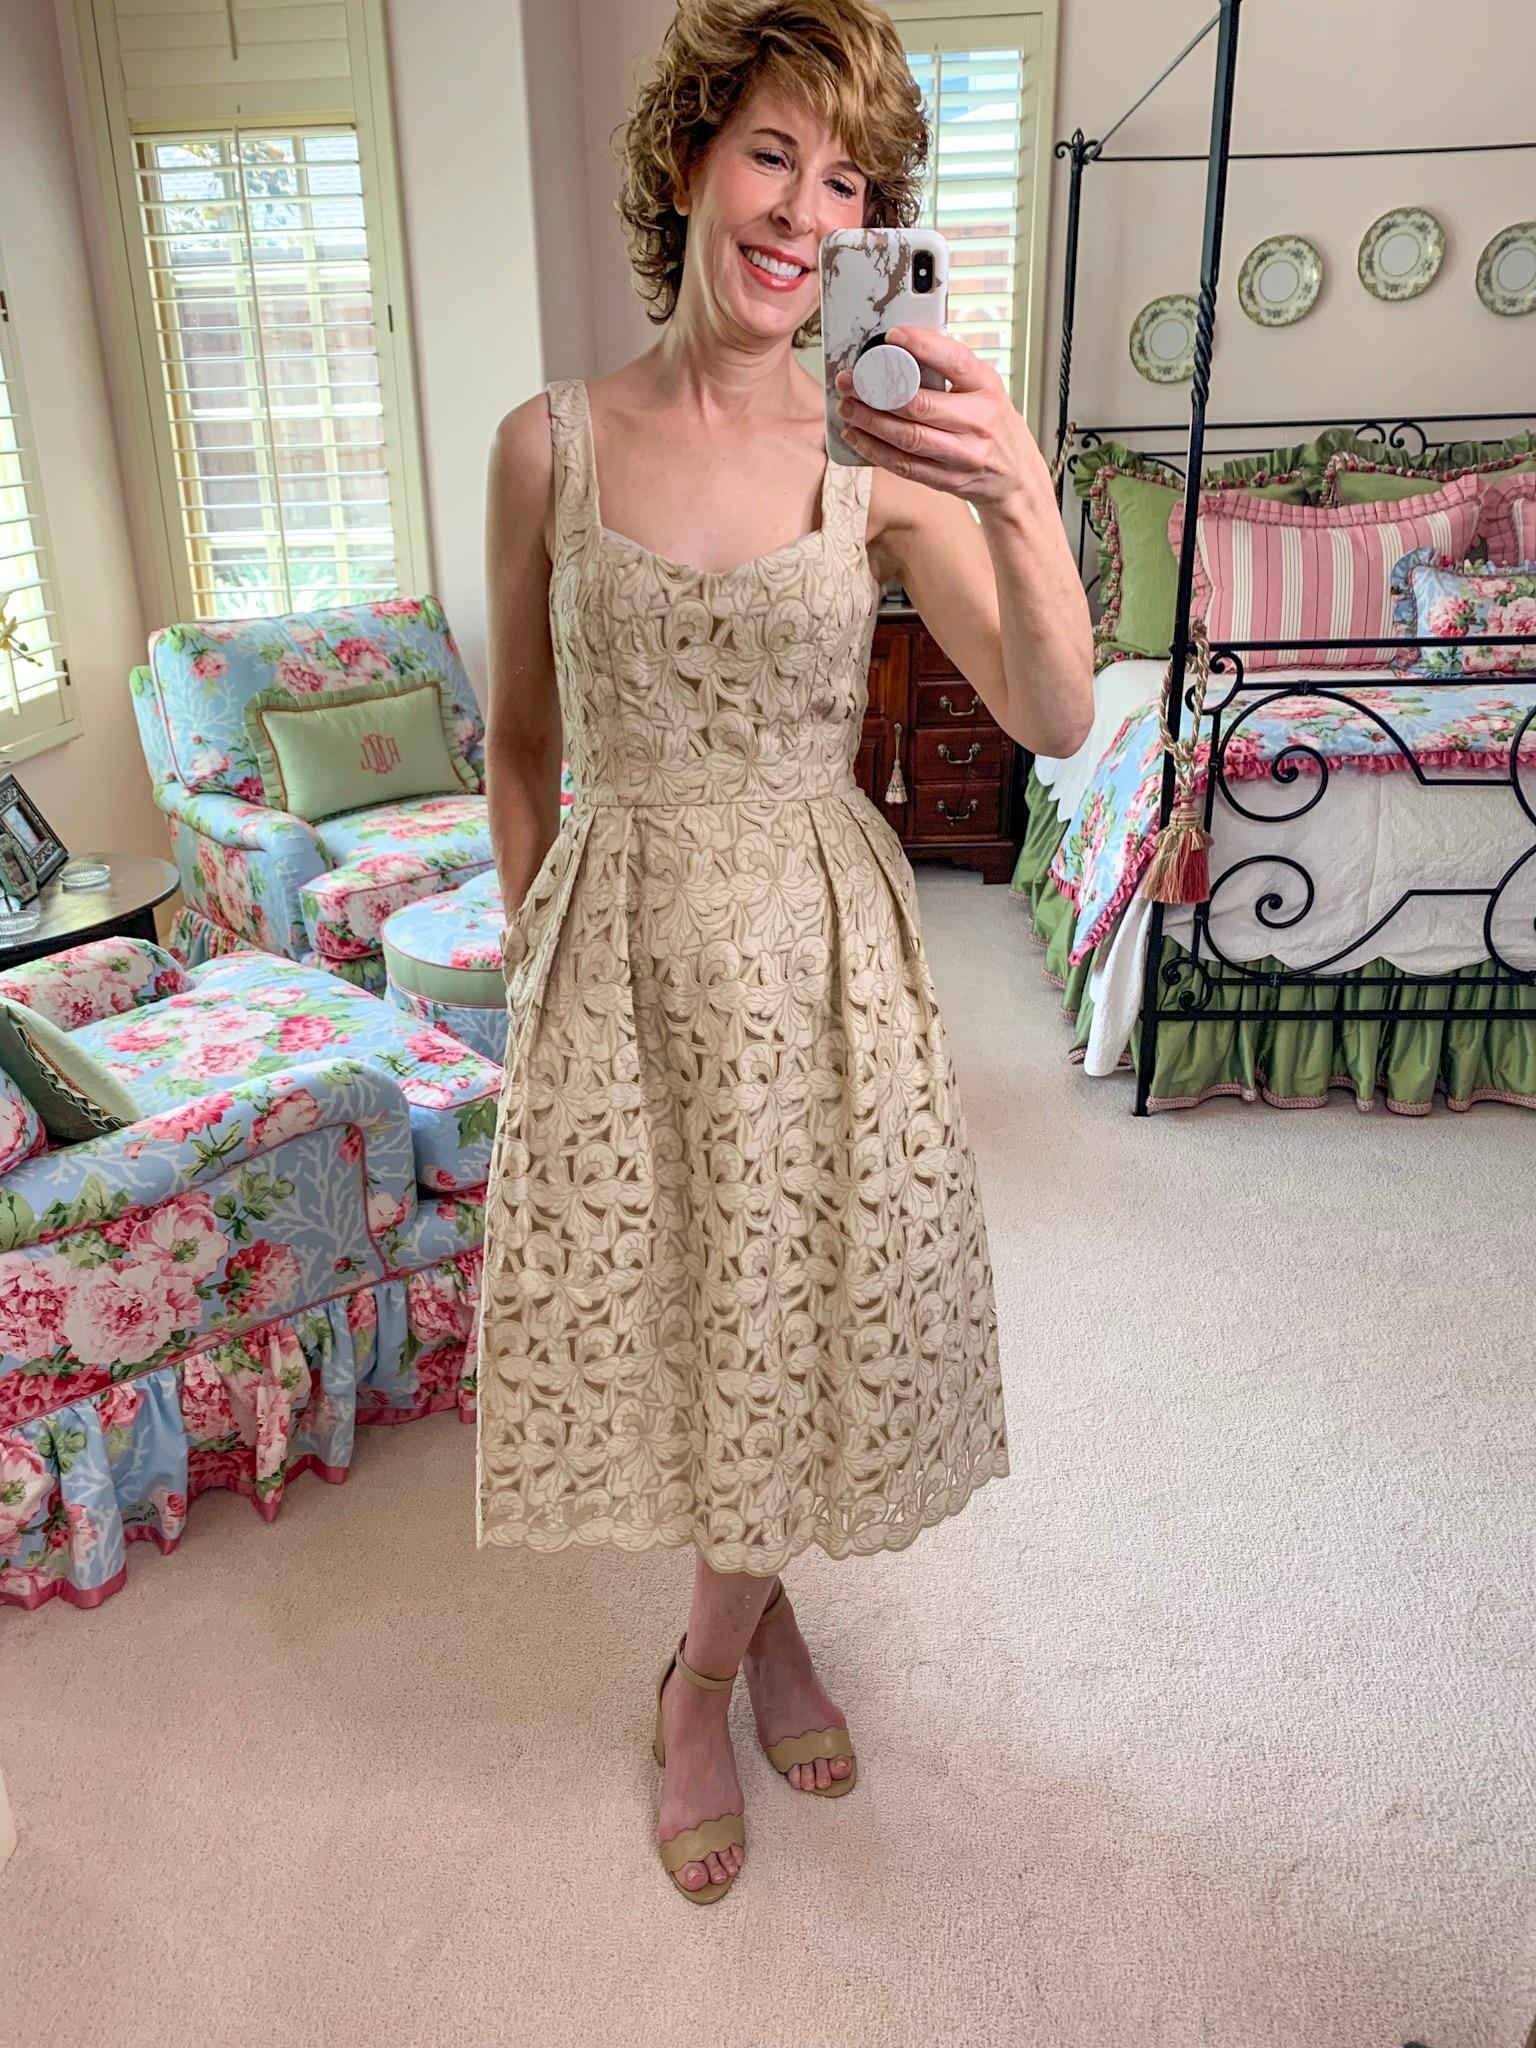 mirror selfie of woman in neutral lace dress